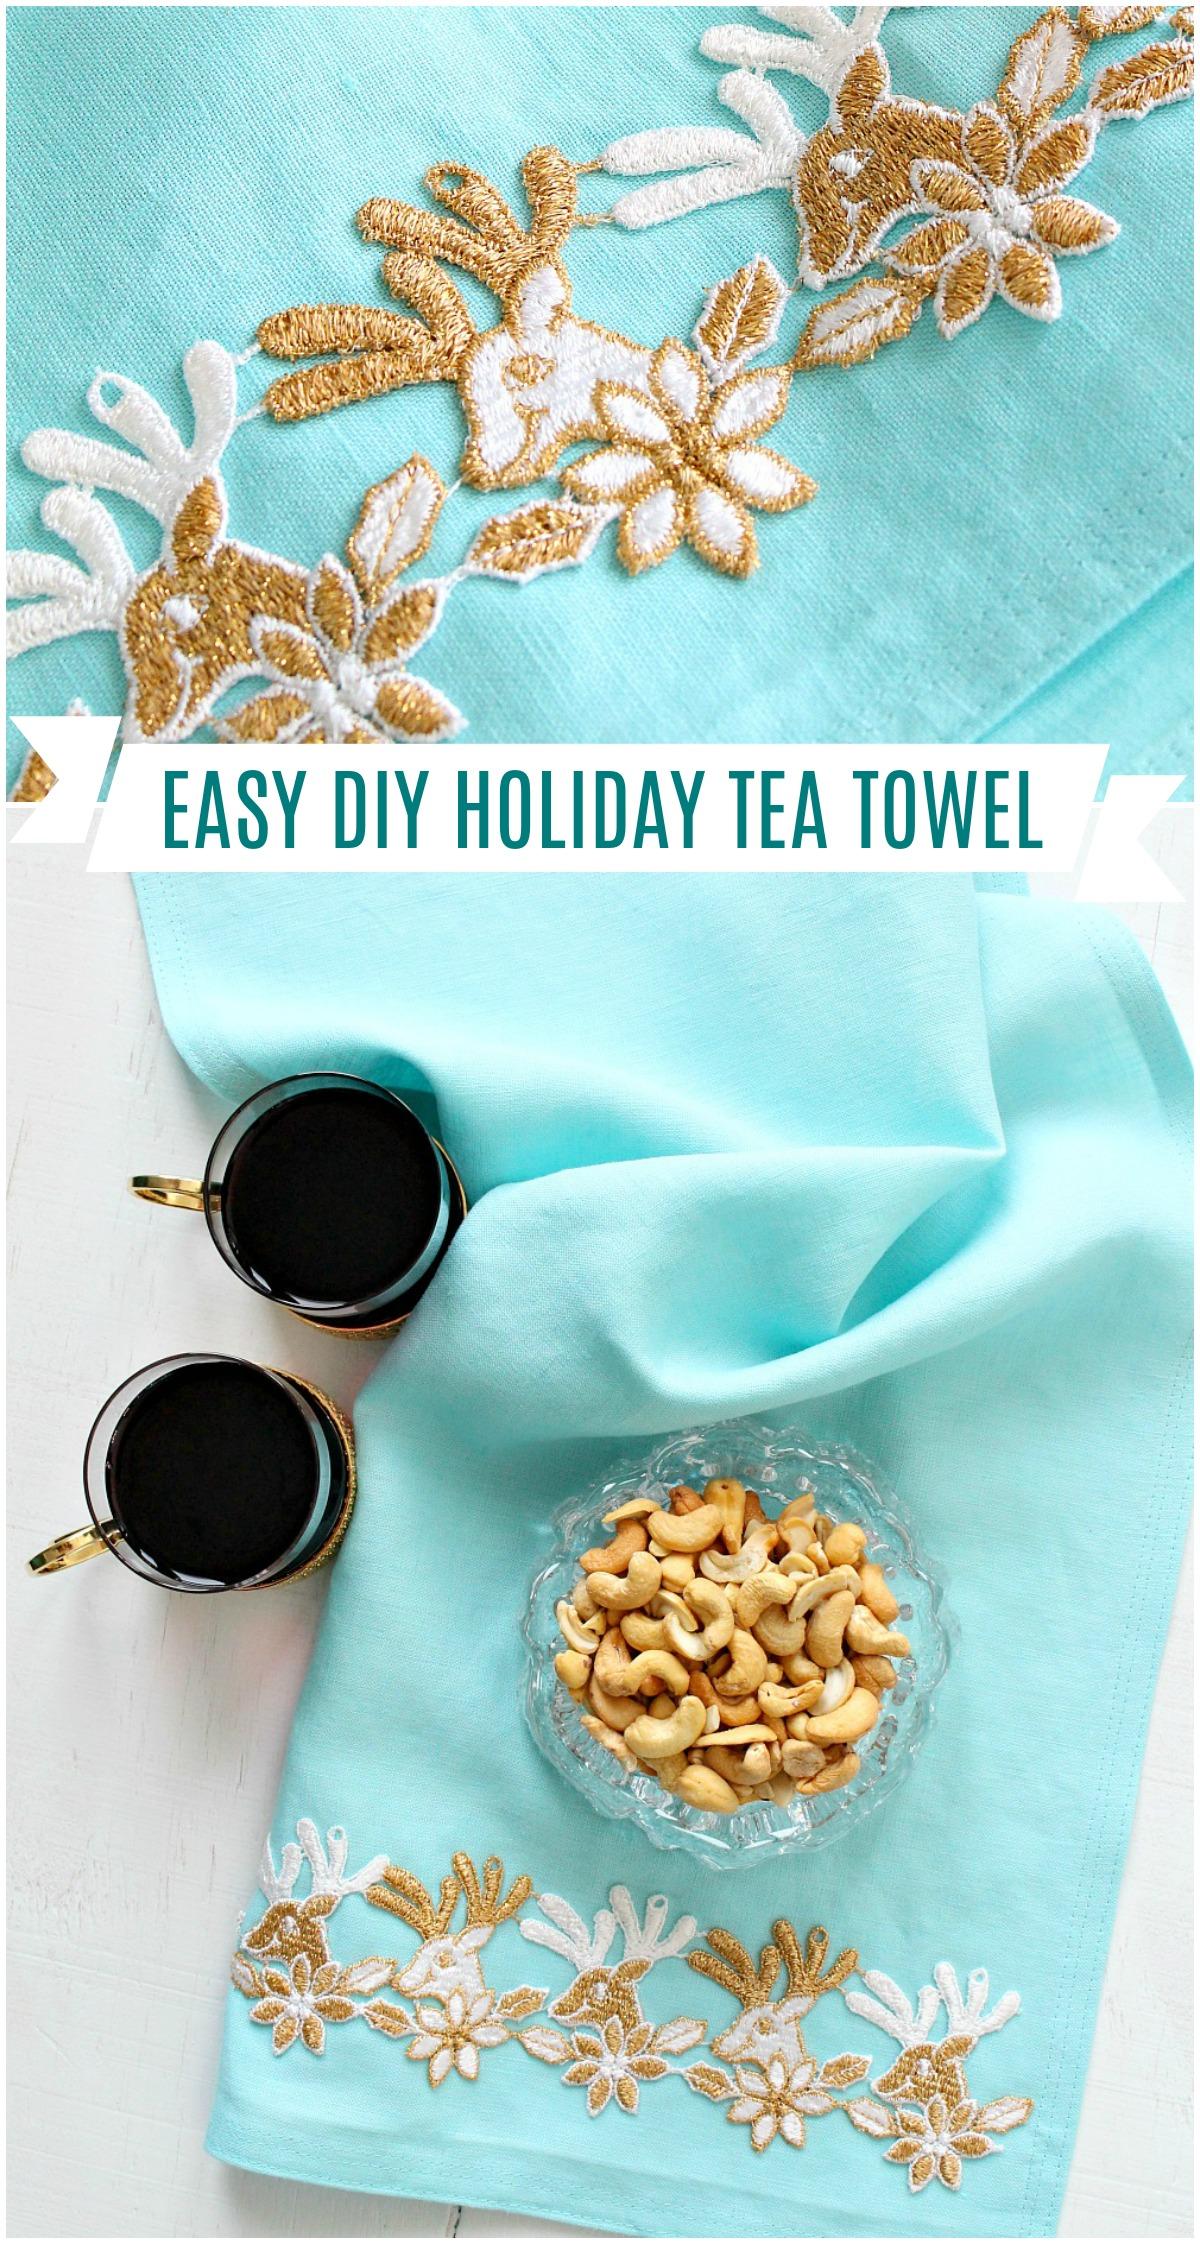 DIY holiday tea towel